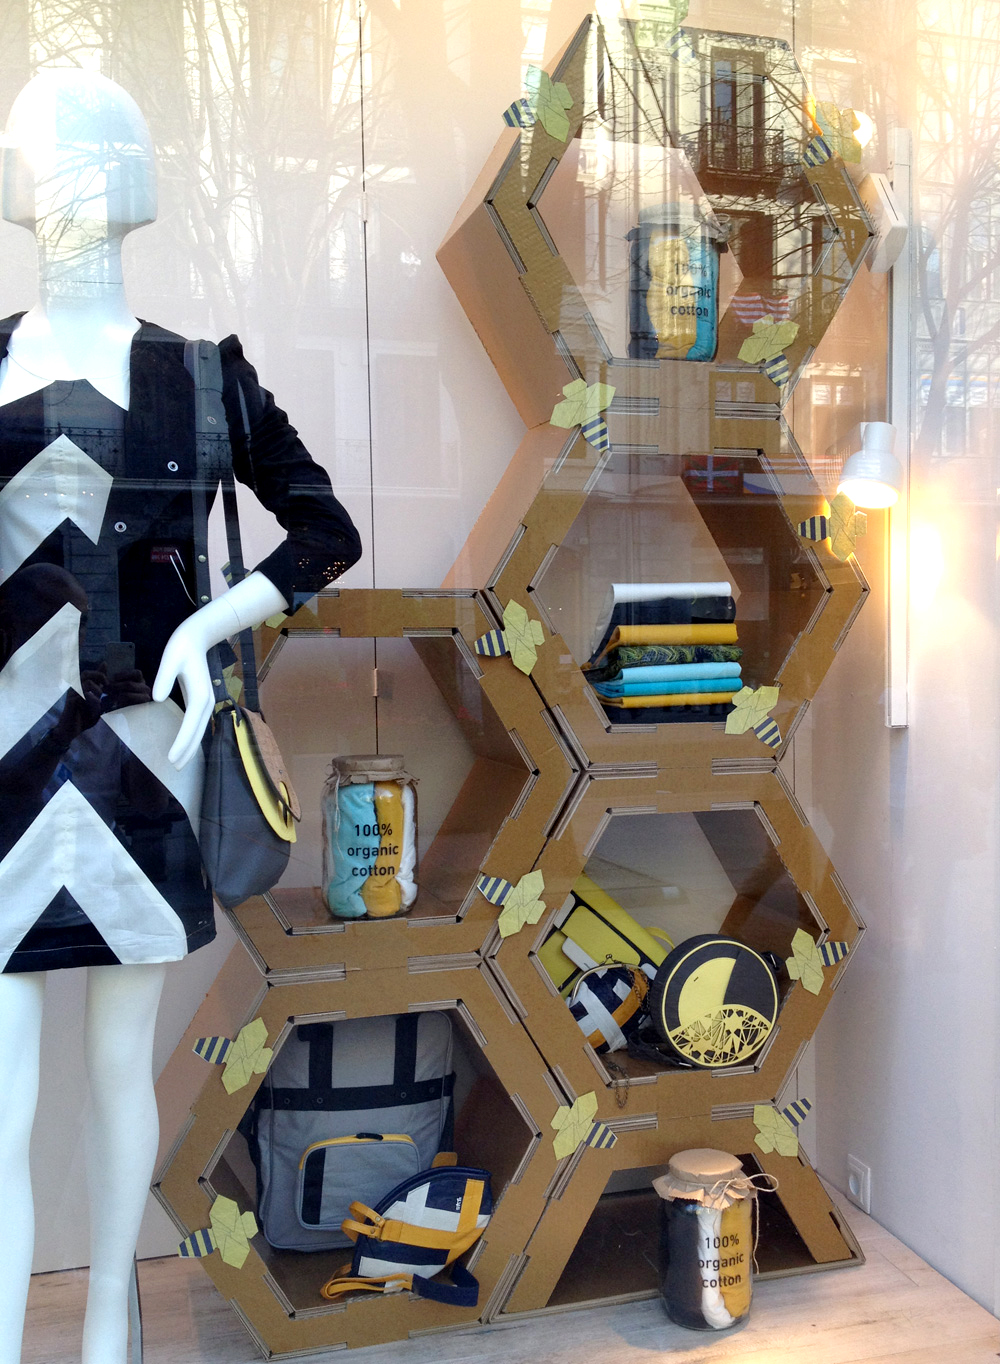 decoracion diseño escaparate sostenible carton ecodiseño skunkfunk